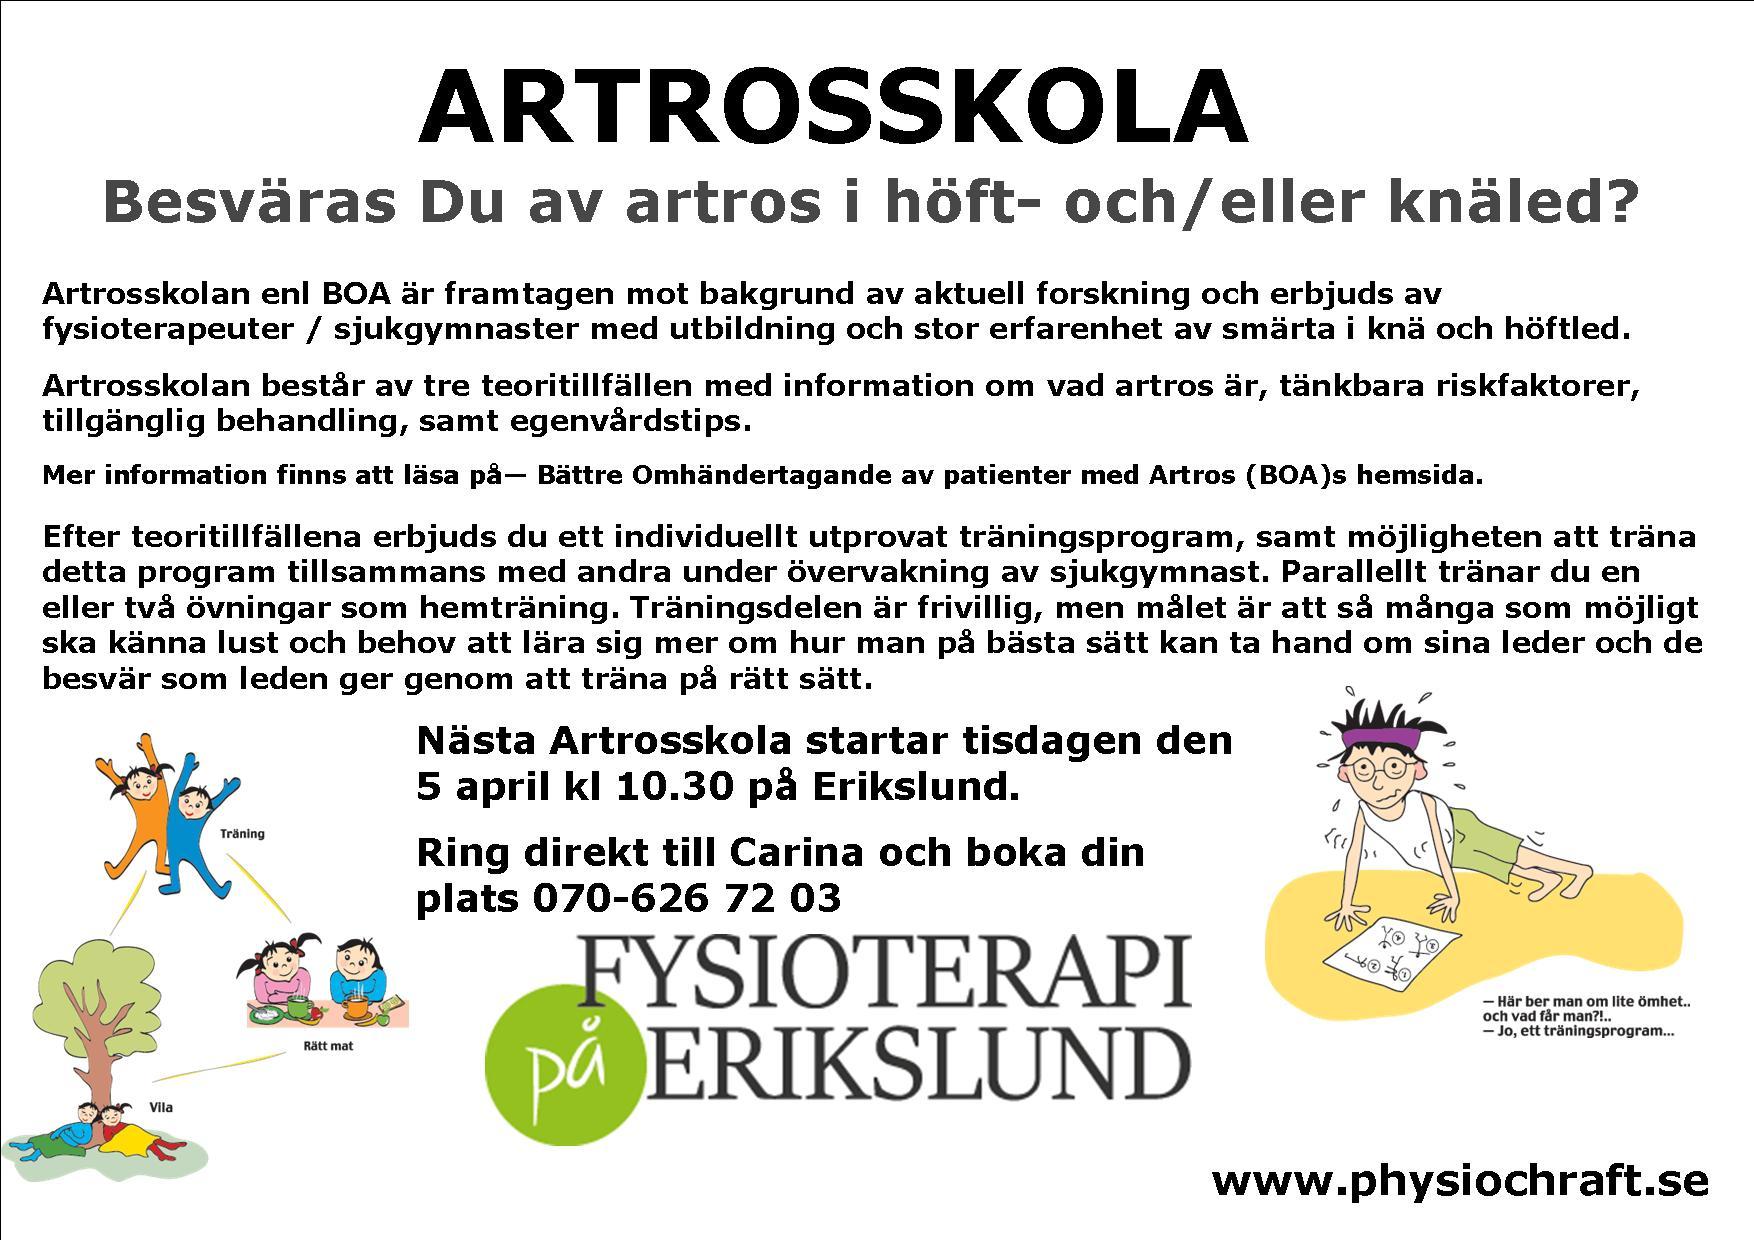 Artrosskola på Erikslund - start 5 april